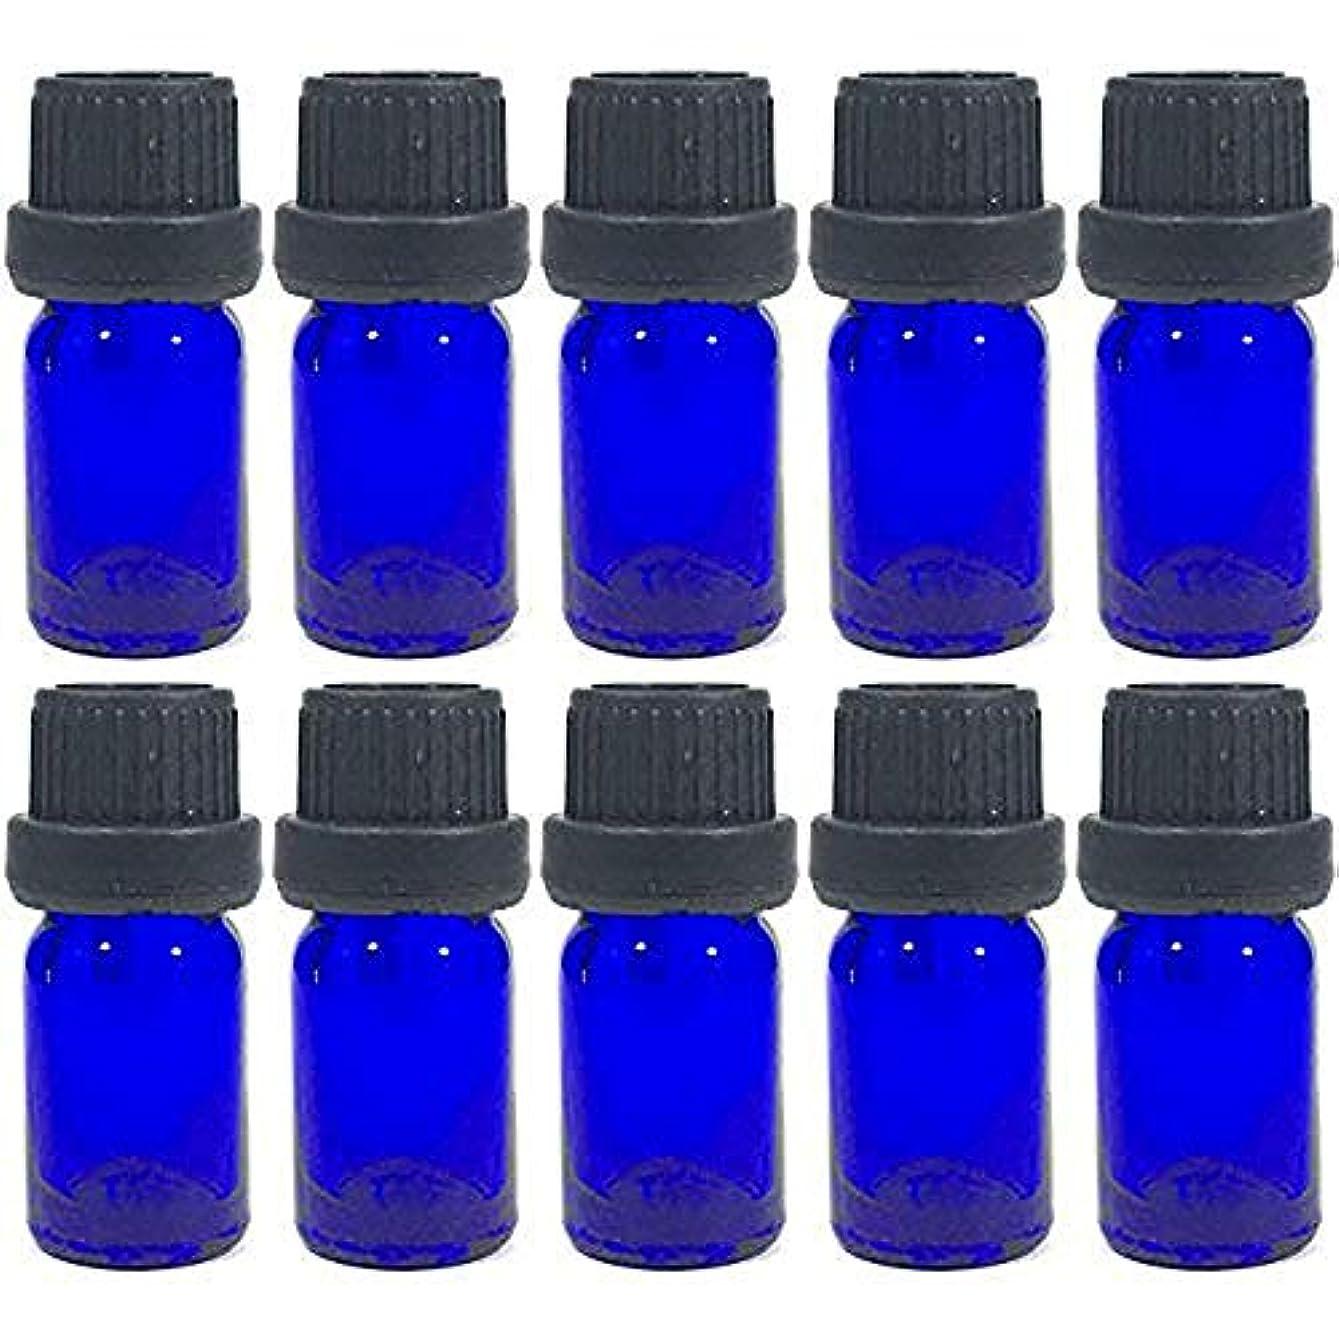 アラート敬意を表する小道具10本セット ガラス製 アロマオイル遮光瓶 エッセンシャルオイル アロマ 遮光ビン 保存用 精油 ガラスボトル